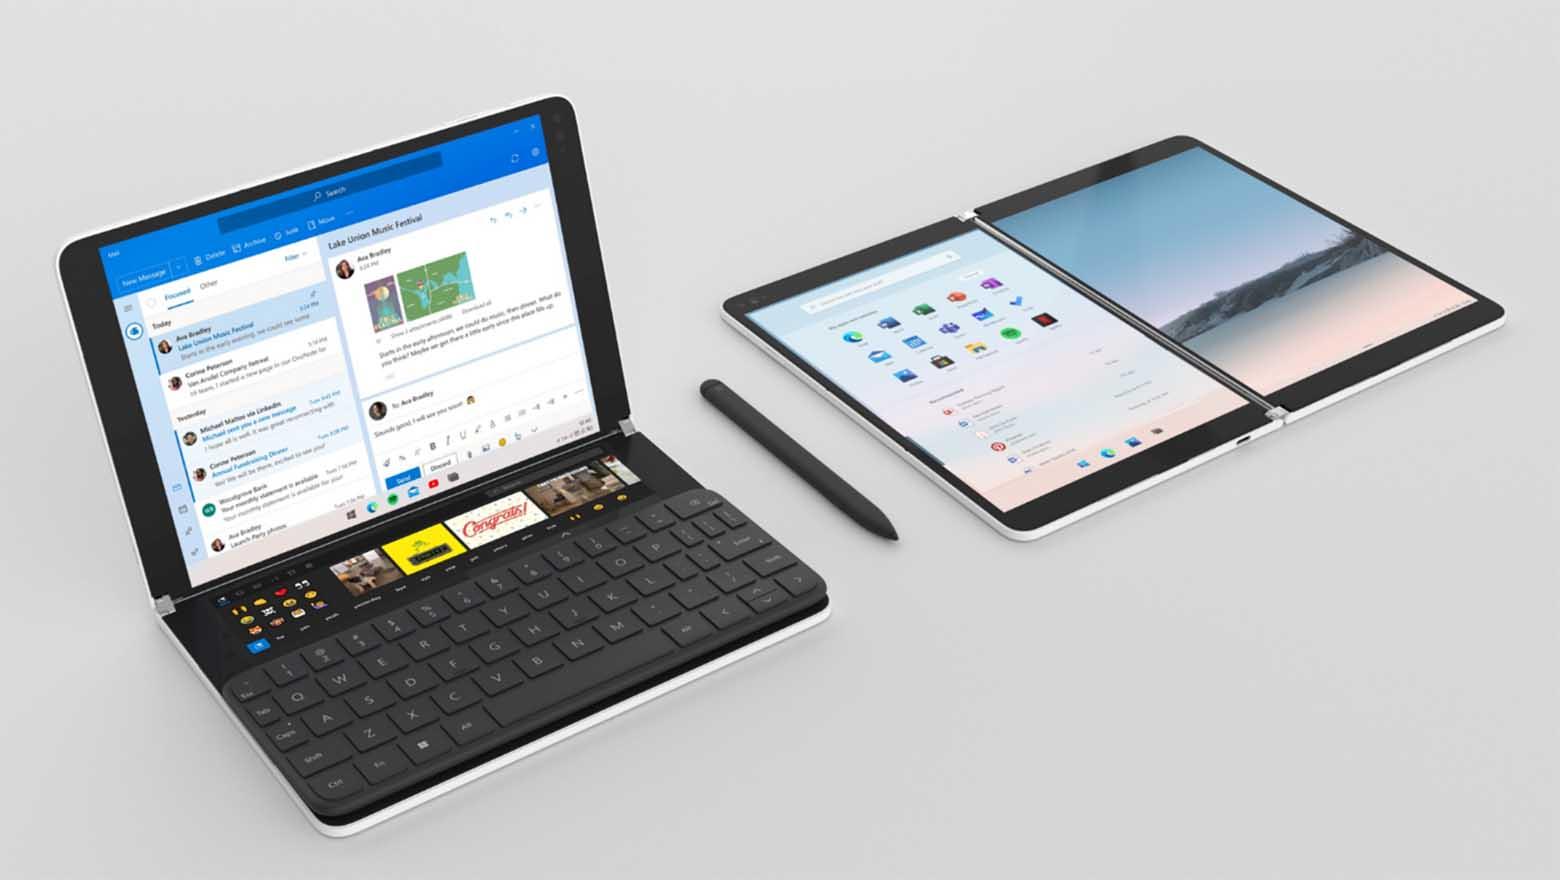 Microsoft : le développement de la Surface Neo en pause, mais le Duo serait à l'heure